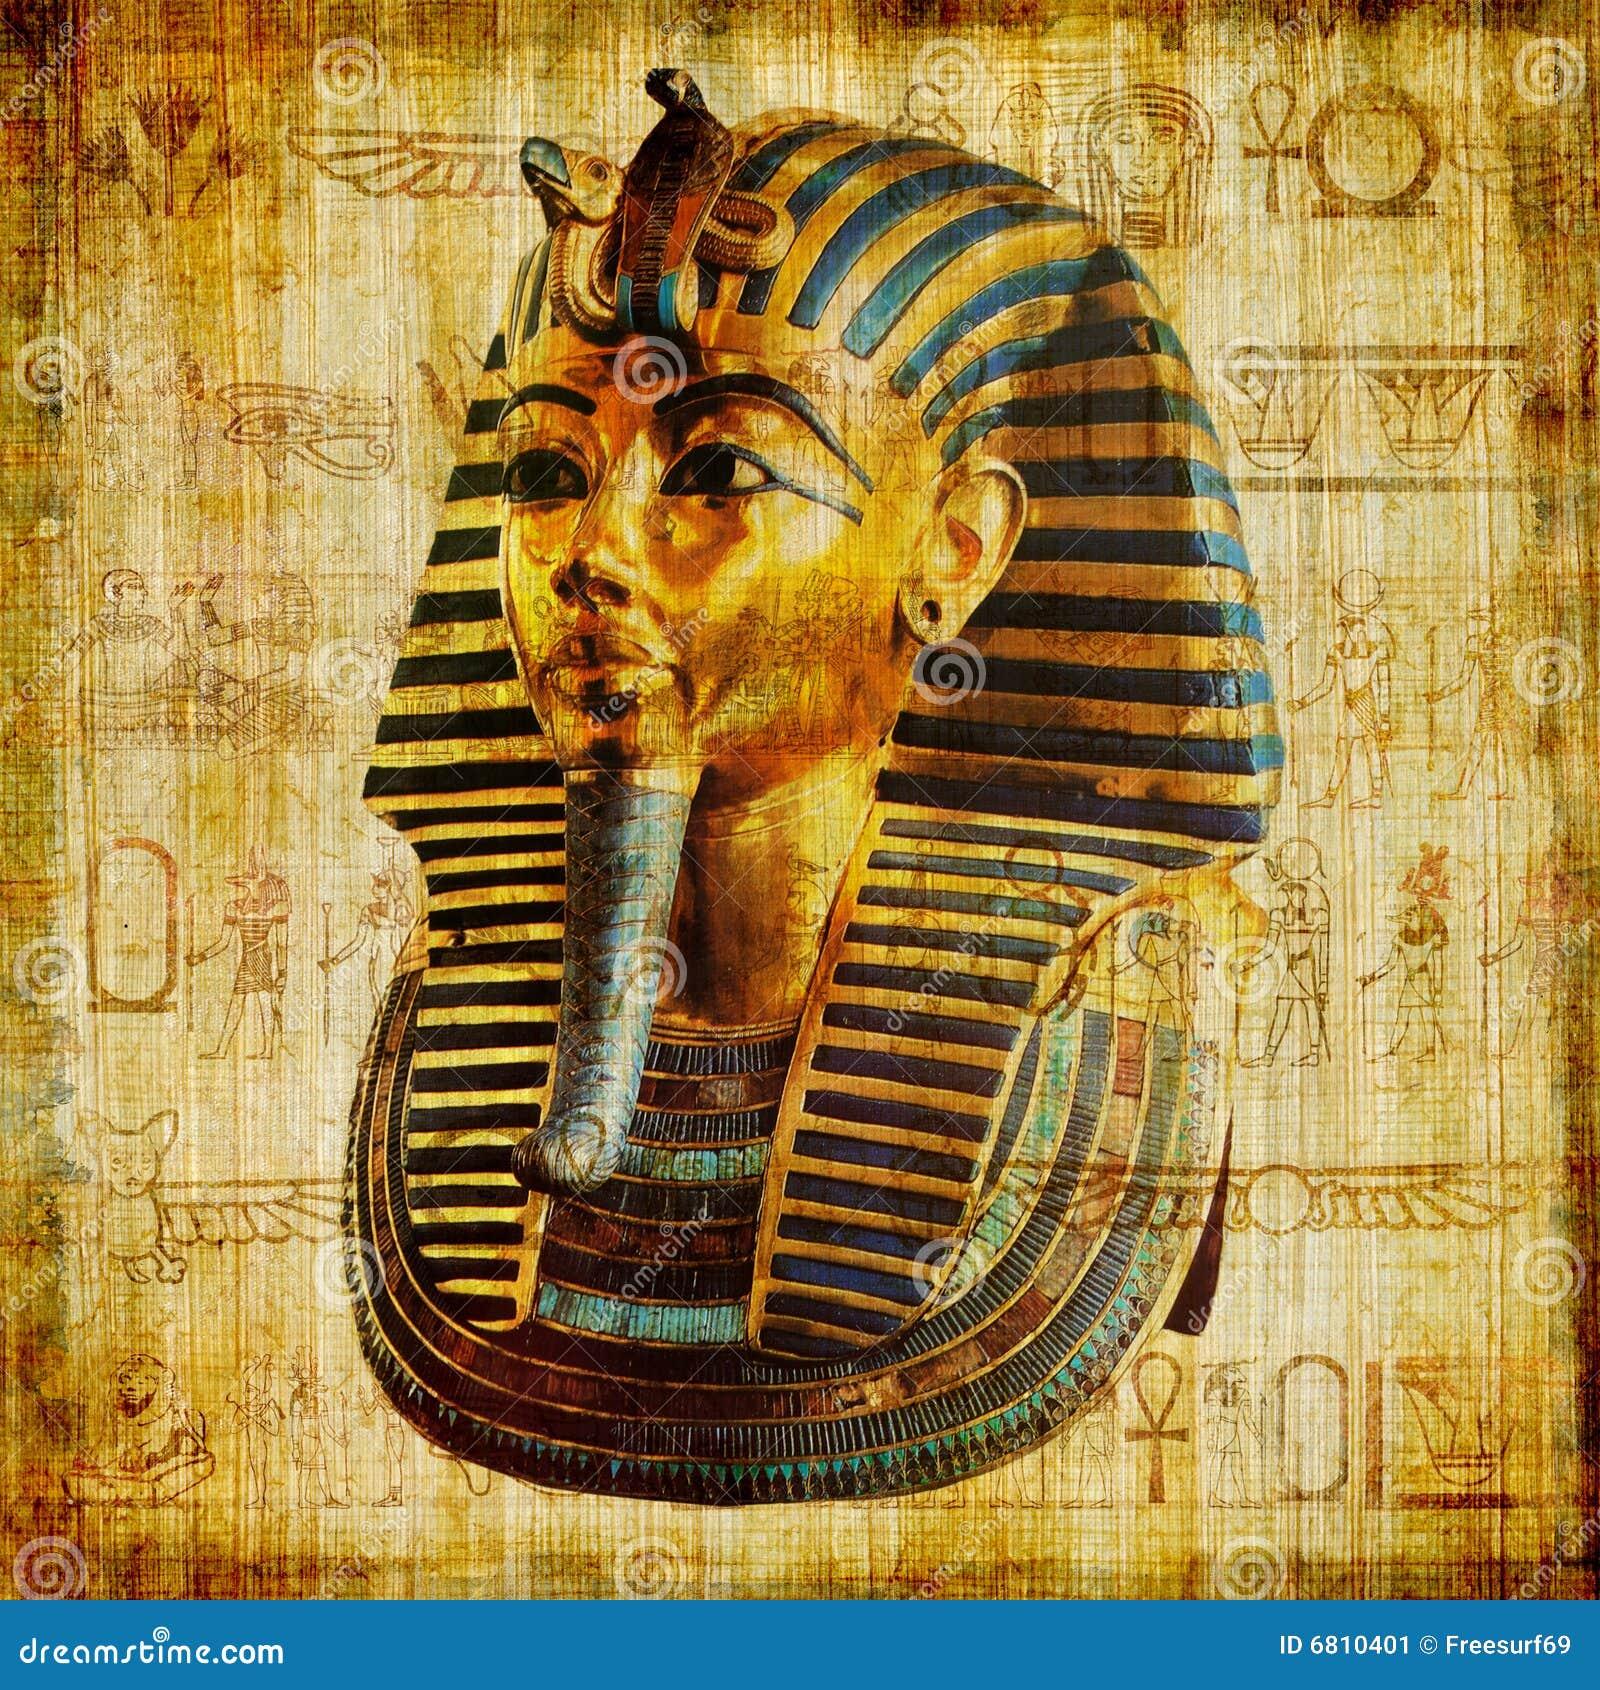 Egypt Wallpaper: Egyptian Background Stock Illustration. Illustration Of